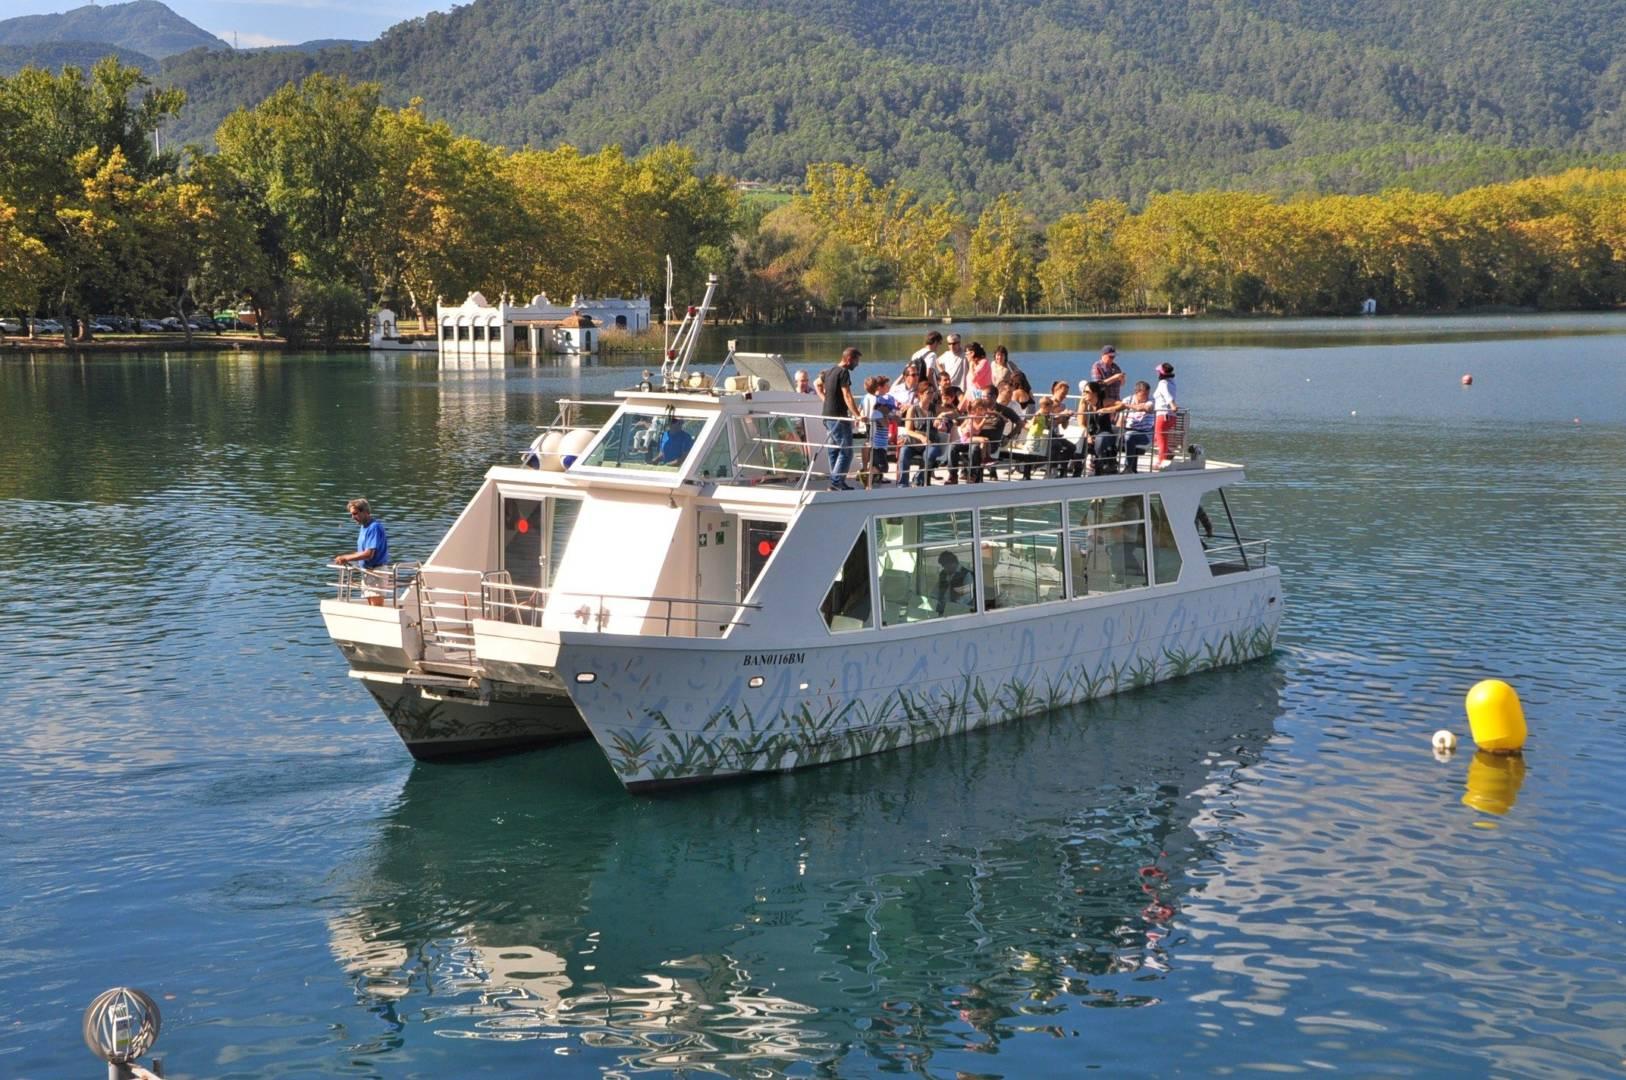 Fem la volta a l'estany amb barca i juguem en família!